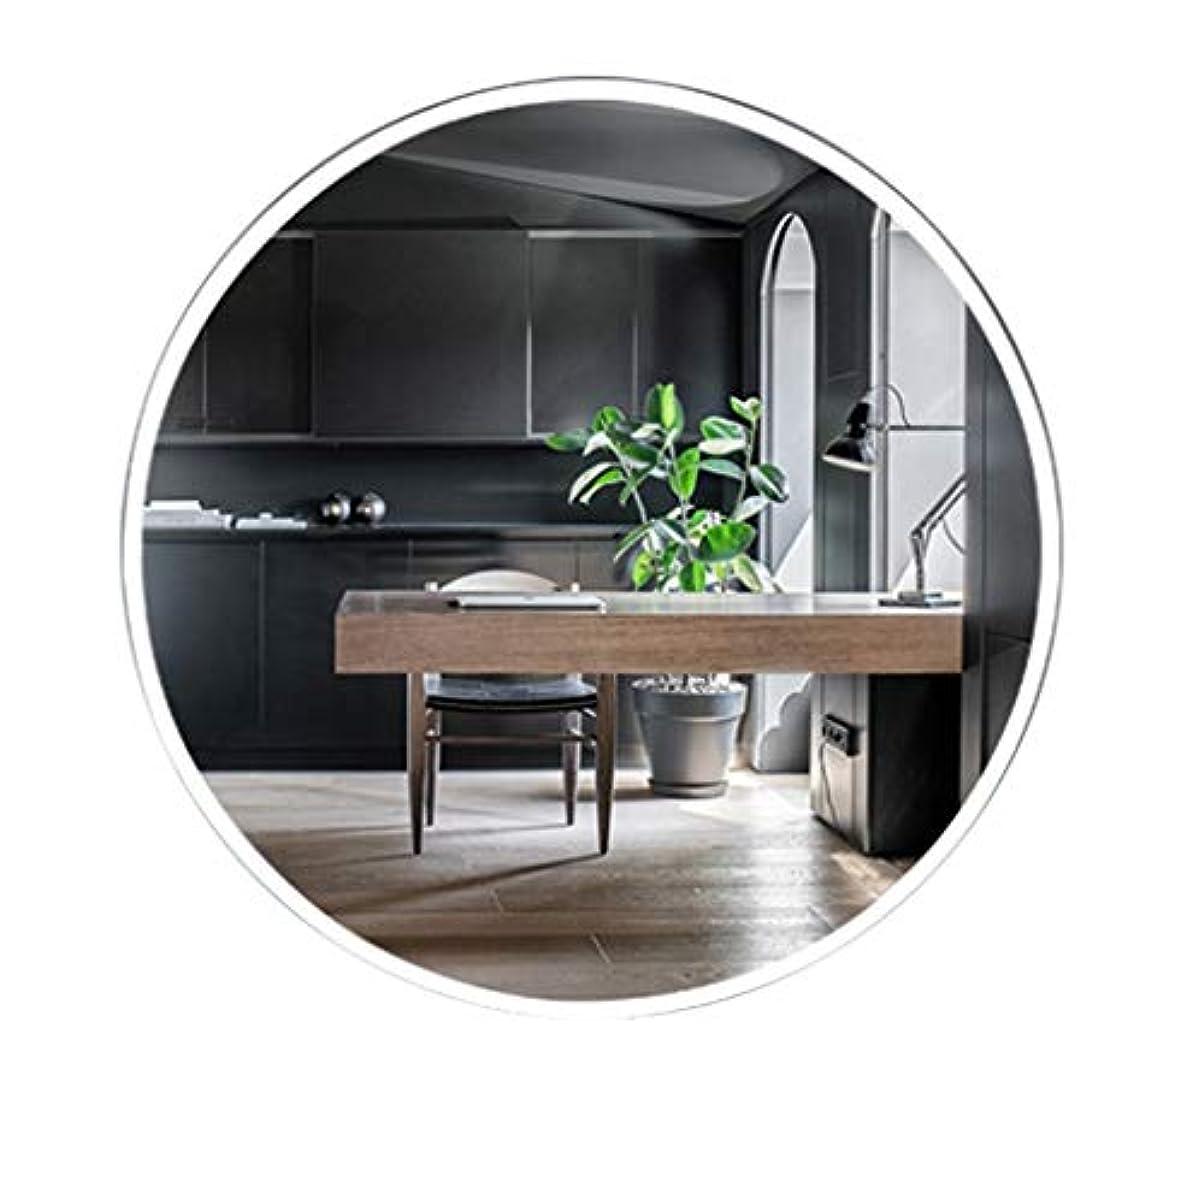 音征服スチュワーデスTYJ-JP 鏡化粧鏡 HD化粧台壁掛け装飾丸型鏡シンプル壁掛け鏡北欧風パンチフリーガラス鏡 (Color : 白, Size : 50*50cm)